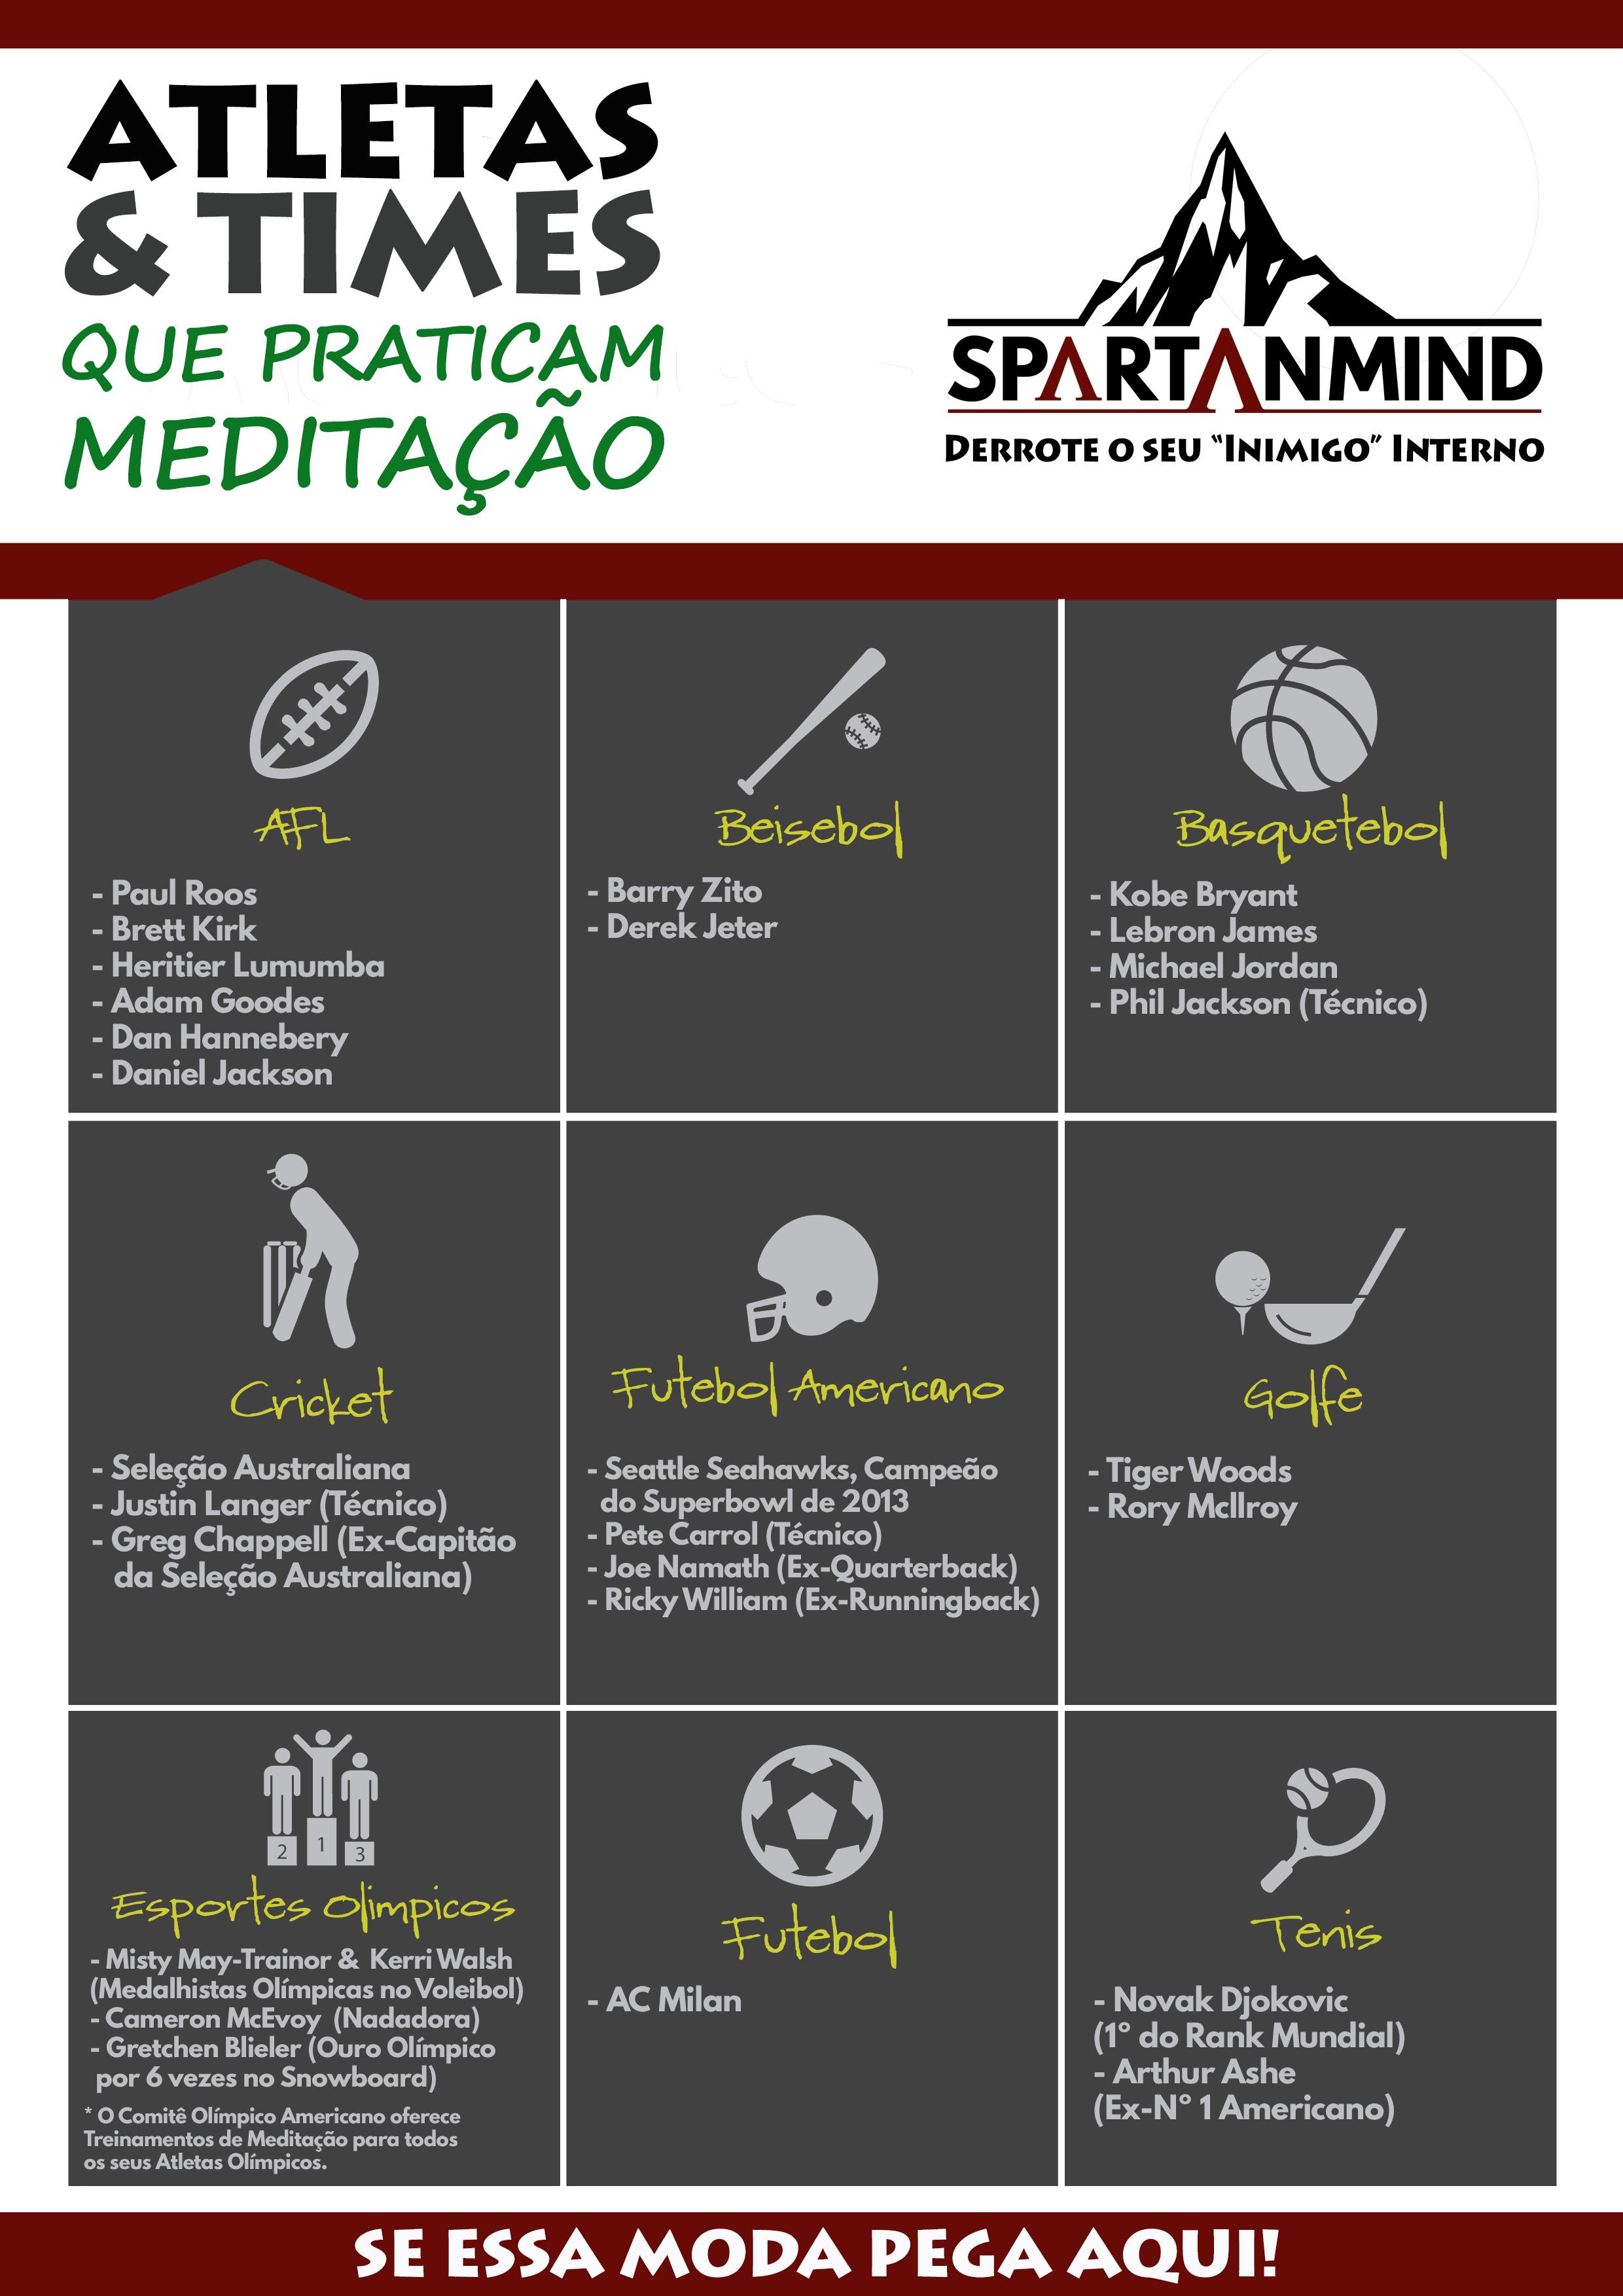 INFOGRÁFICO: Atletas e Times que Meditam